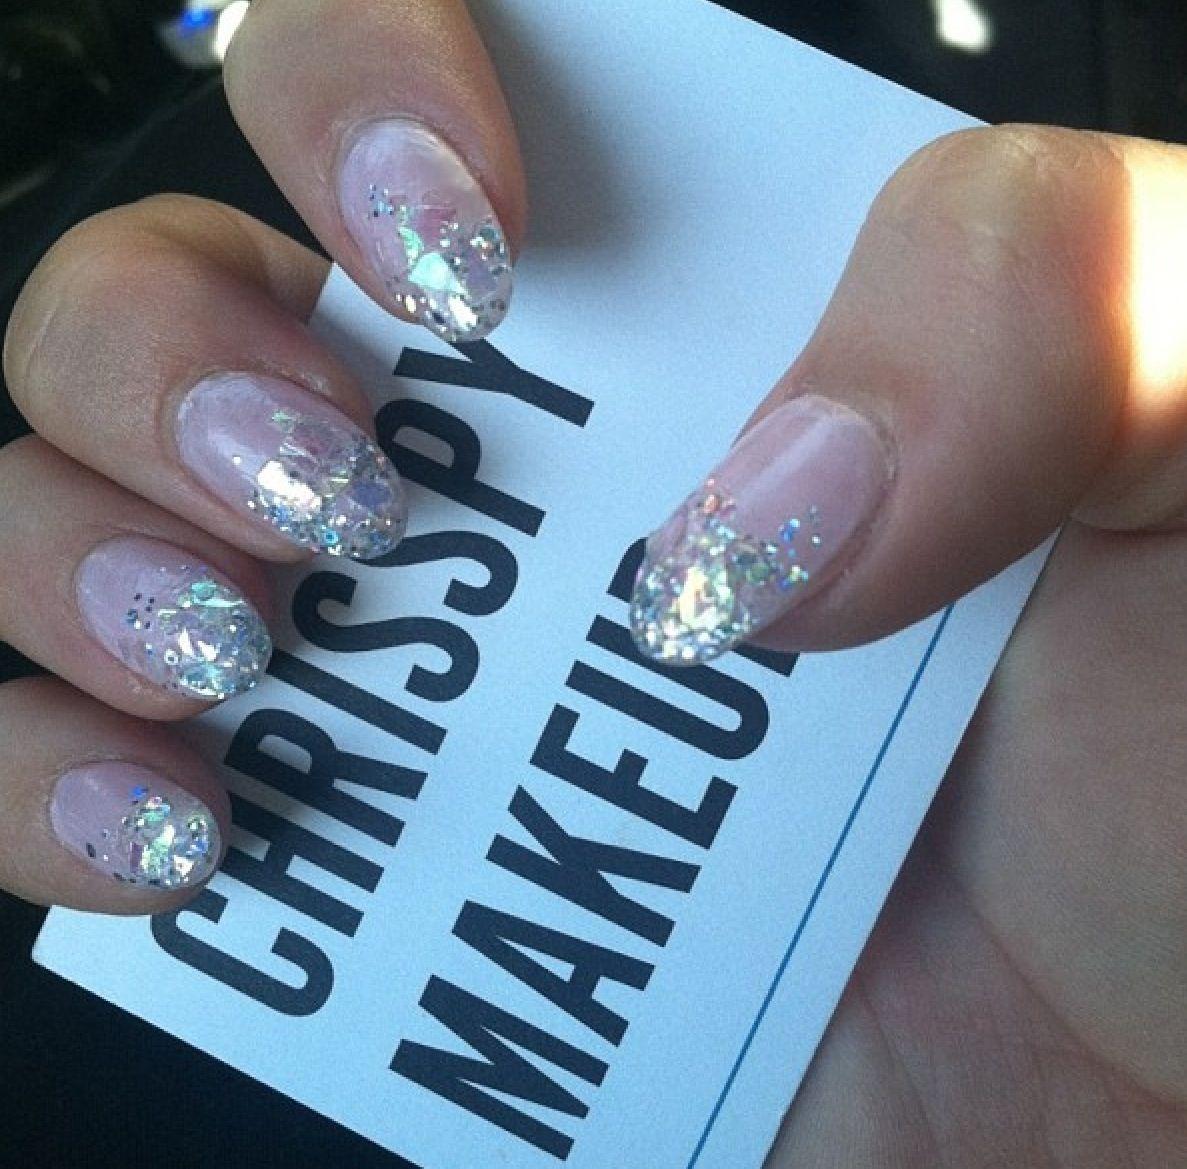 Glitter almond nails | Almond nails | Pinterest